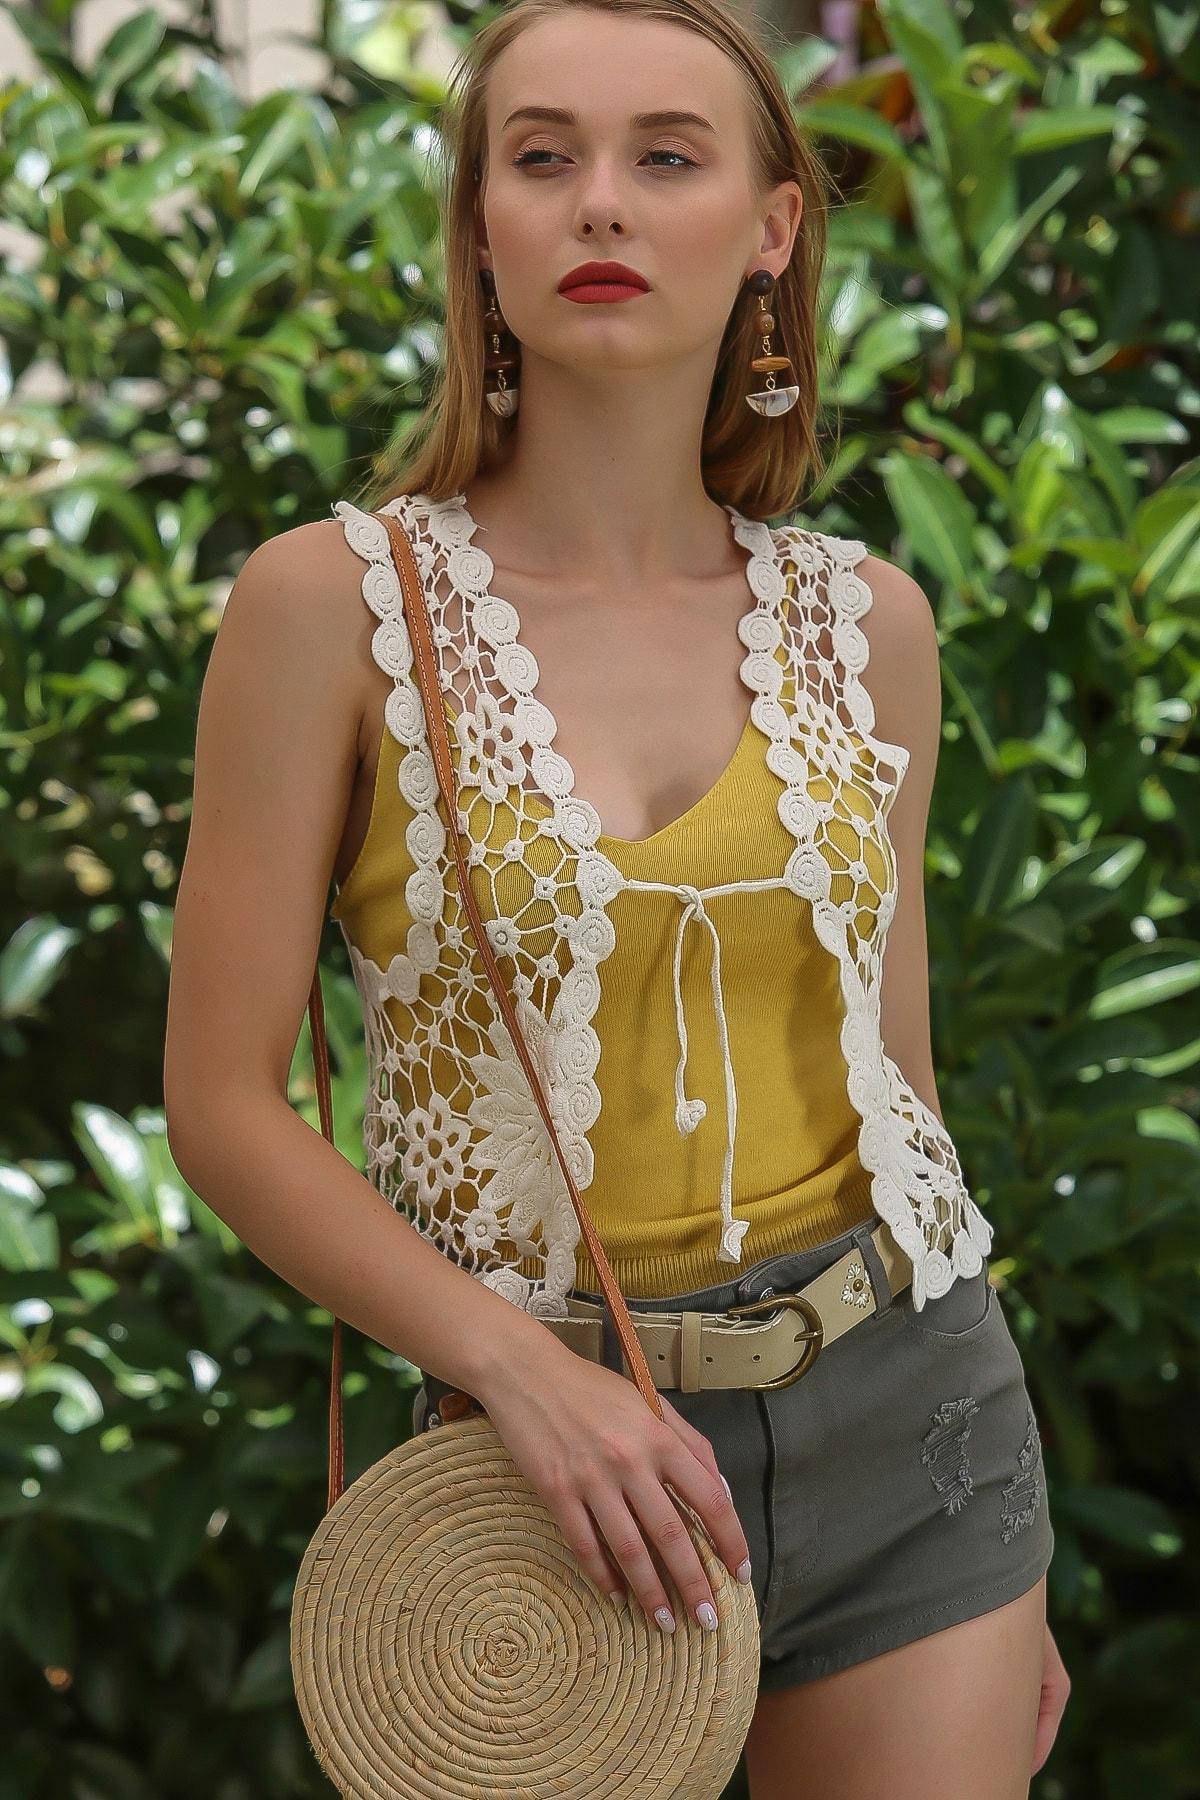 Chiccy Kadın Taş Vintage Tığ Işi Görünümlü Bağlama Detaylı Çiçek Desenli Yelek M10010600YL99859